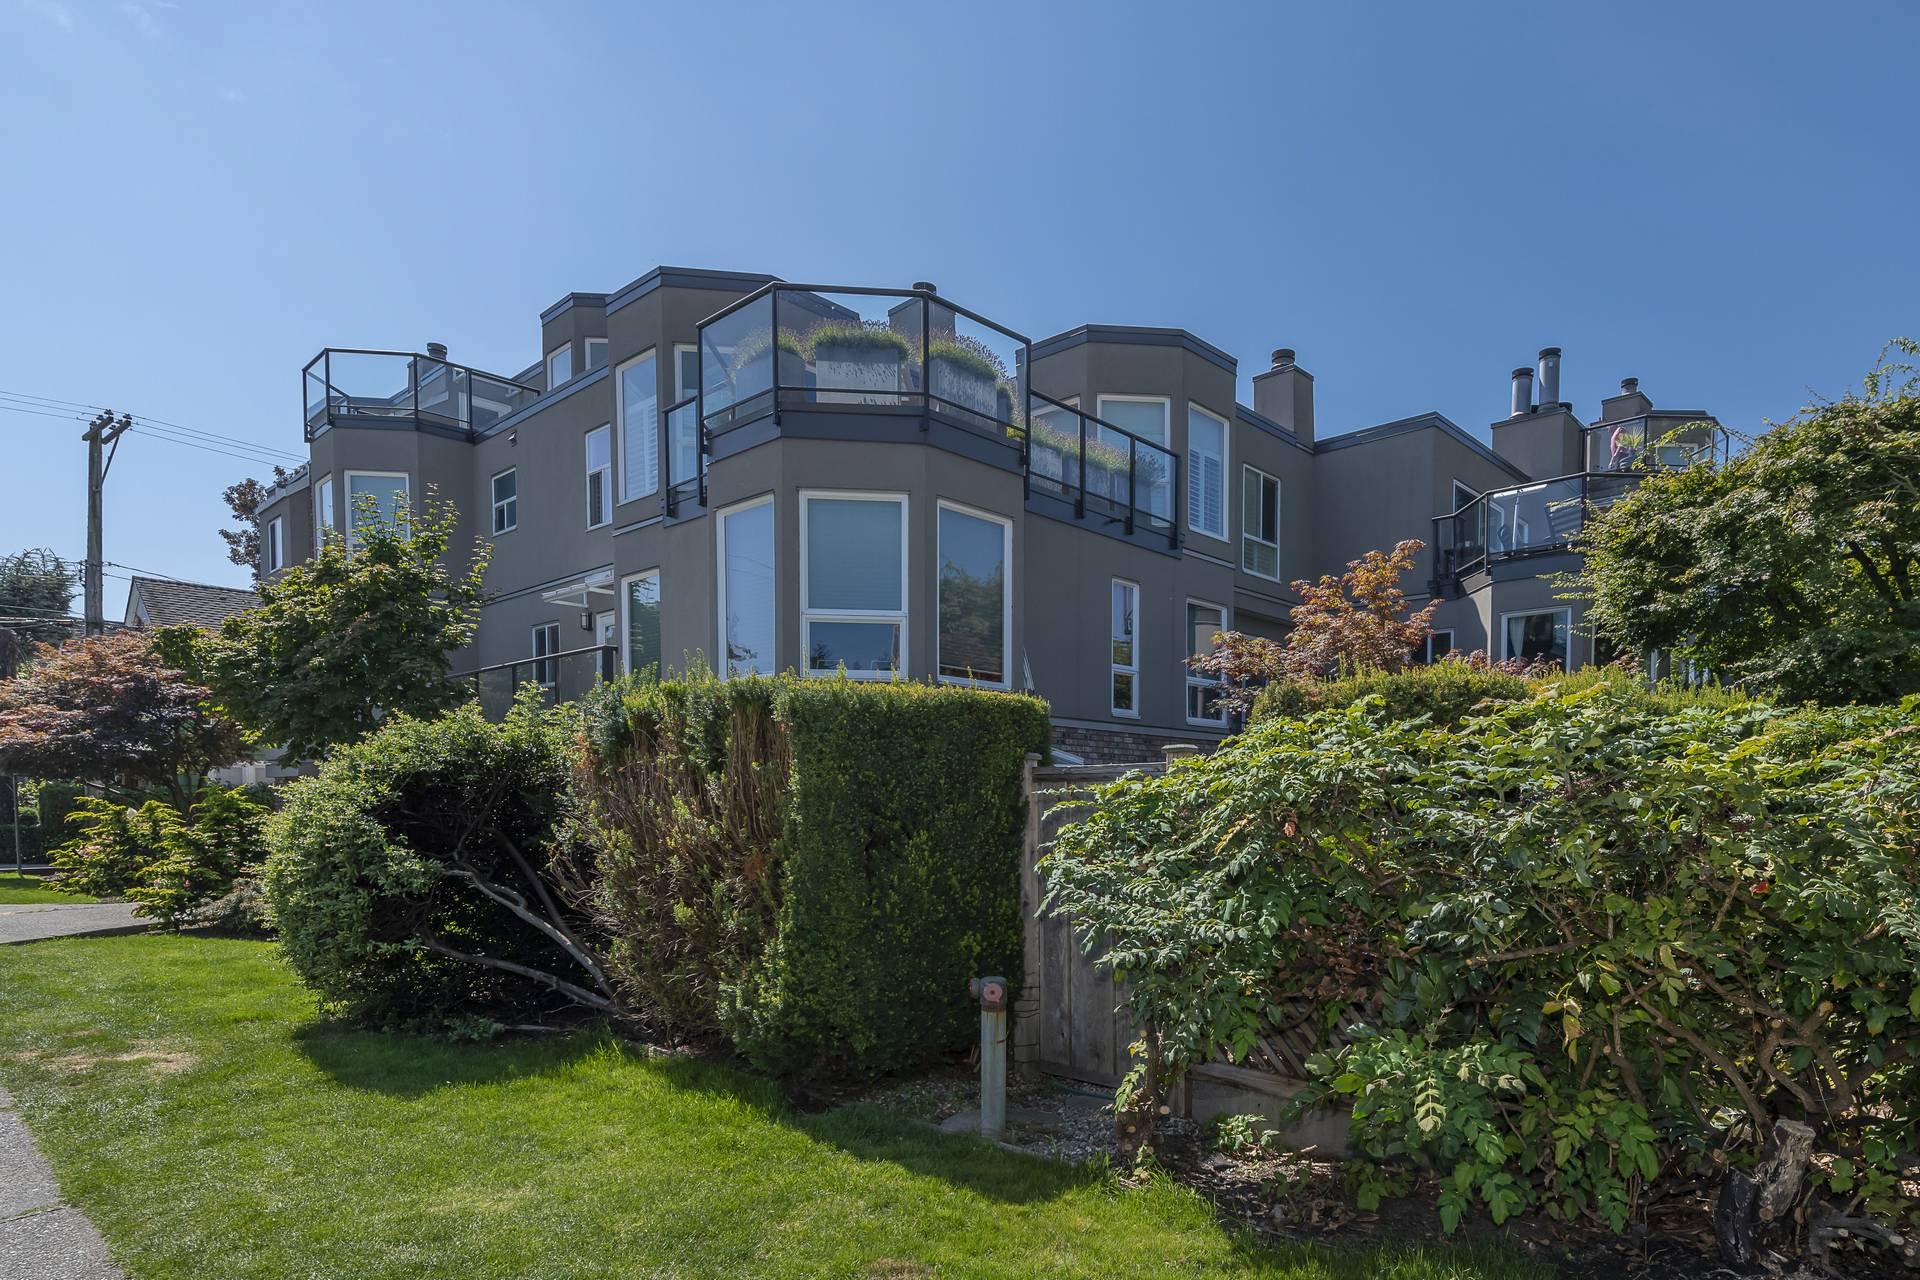 """Main Photo: 204 2110 CORNWALL Avenue in Vancouver: Kitsilano Condo for sale in """"SEAGATE VILLA"""" (Vancouver West)  : MLS®# R2489101"""